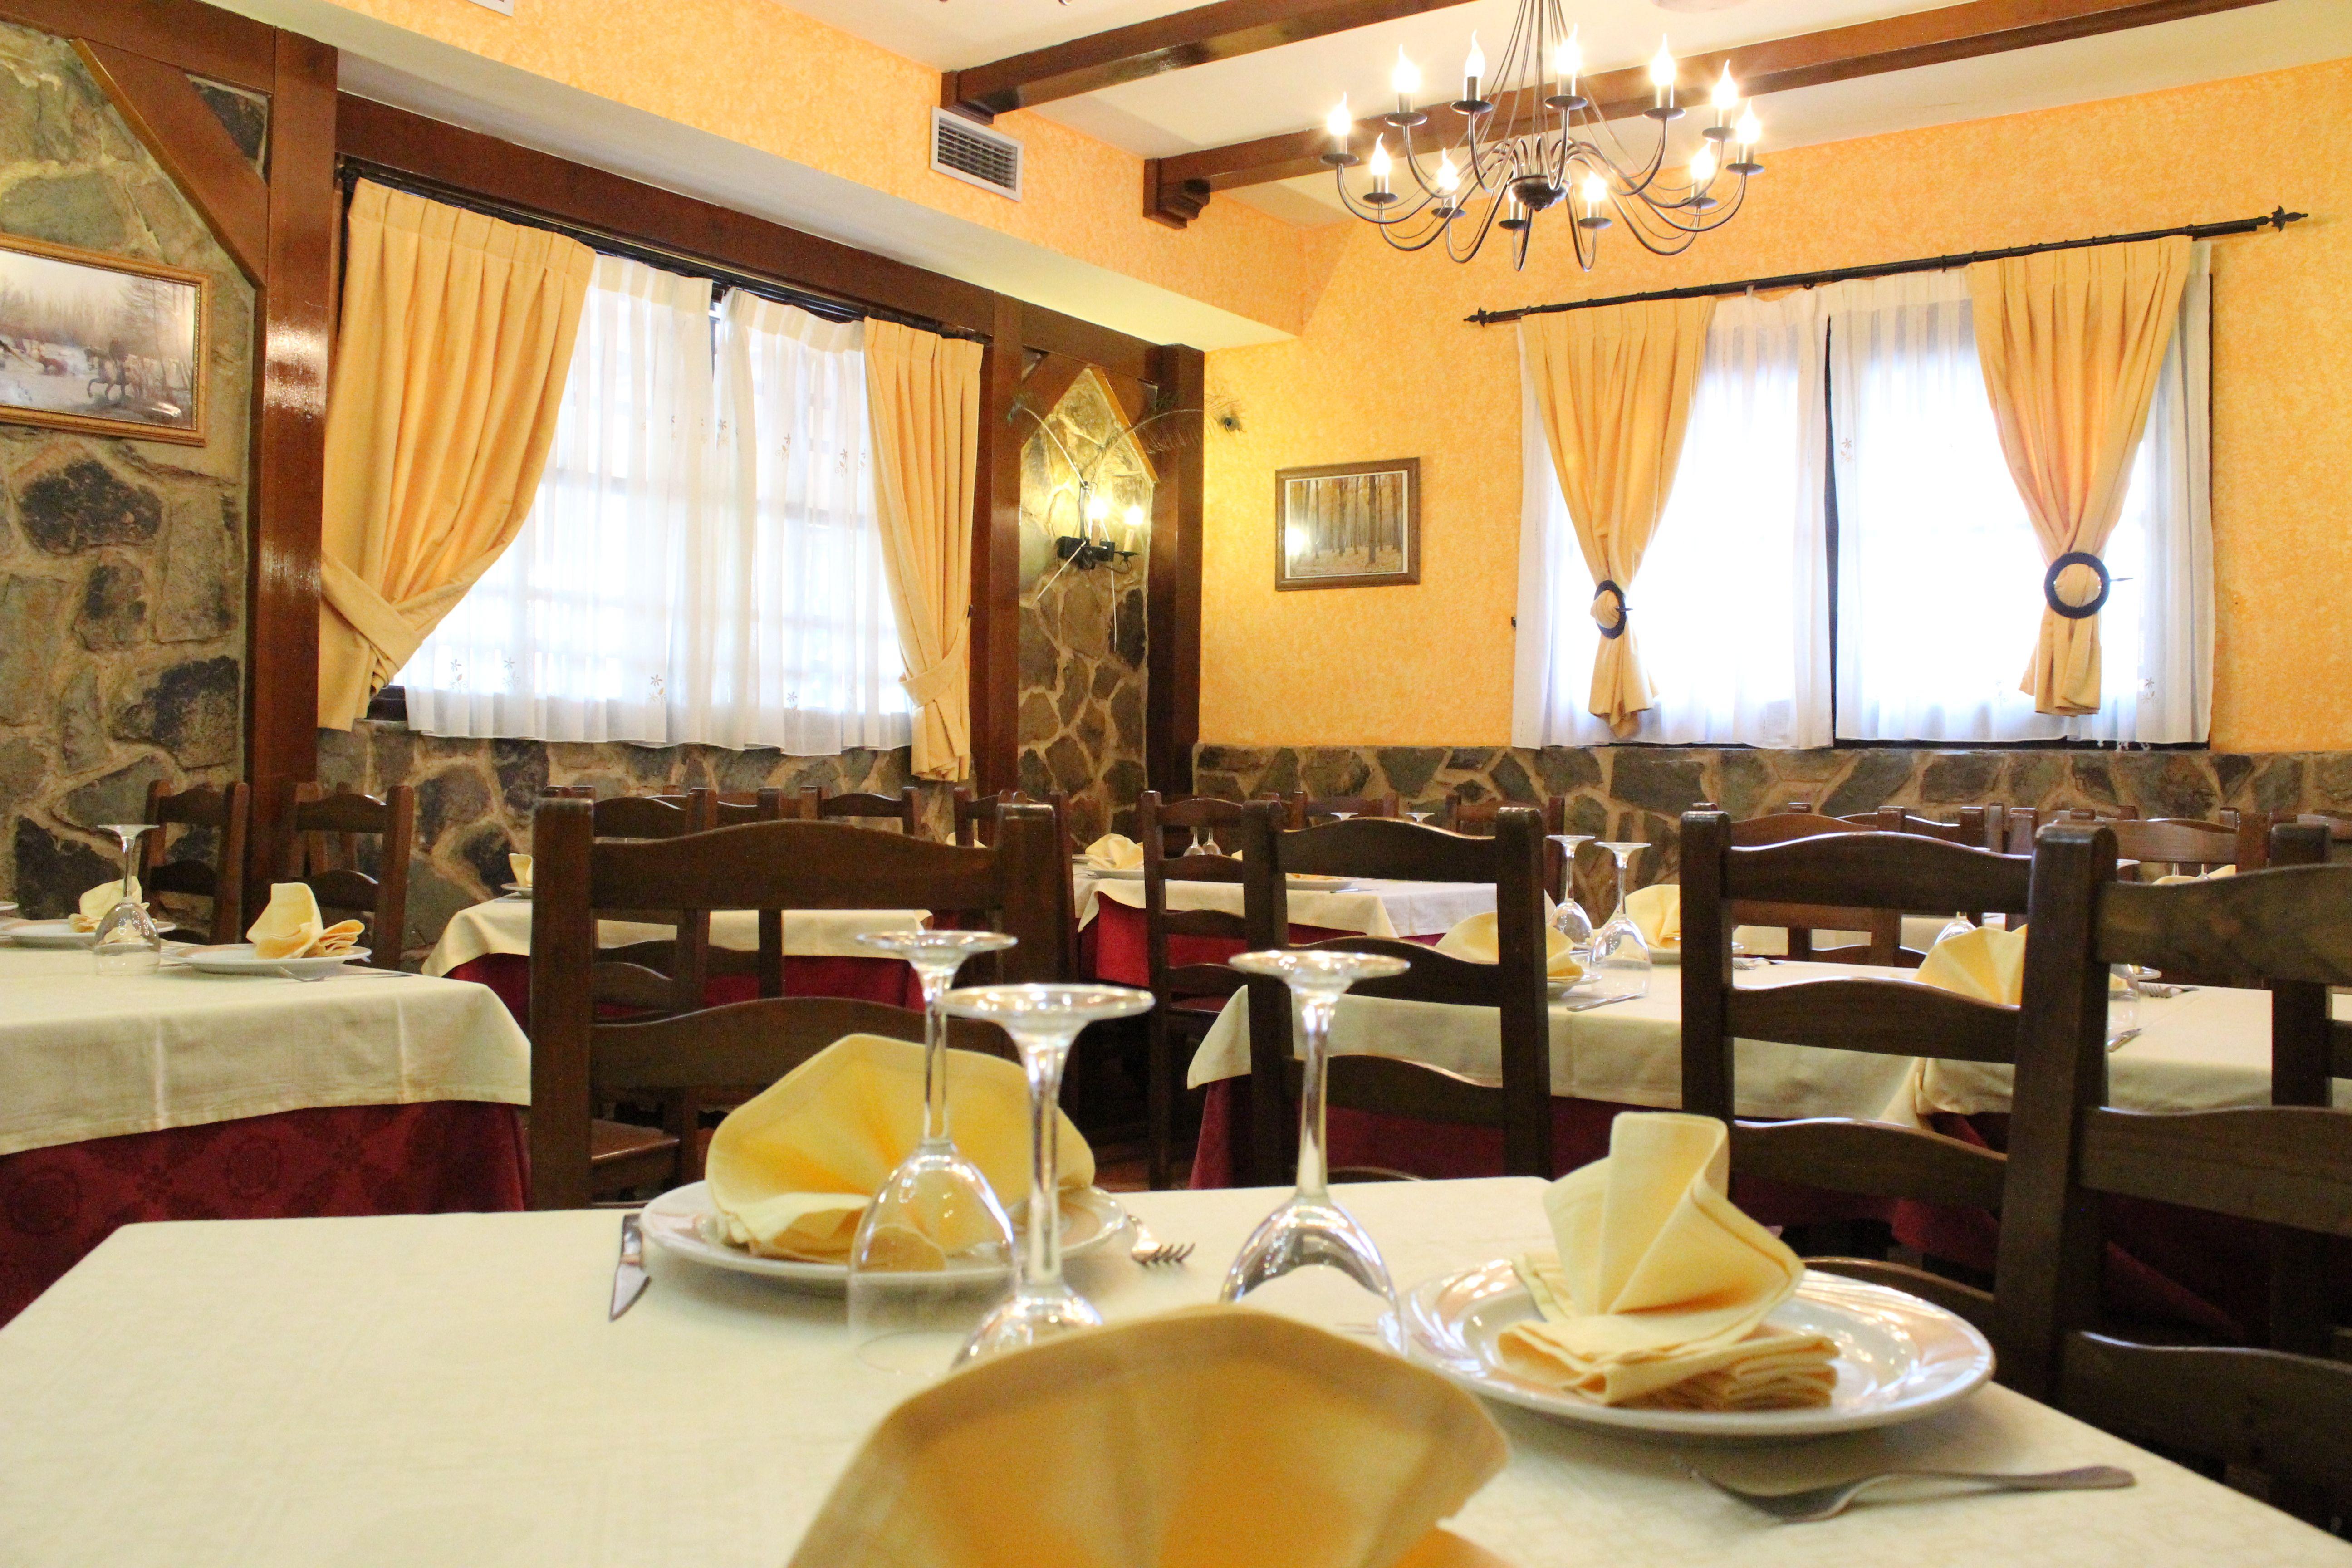 Foto 4 de Asadores en VALDEMORO   Restaurante Terraza La Parrilla de Valdemoro